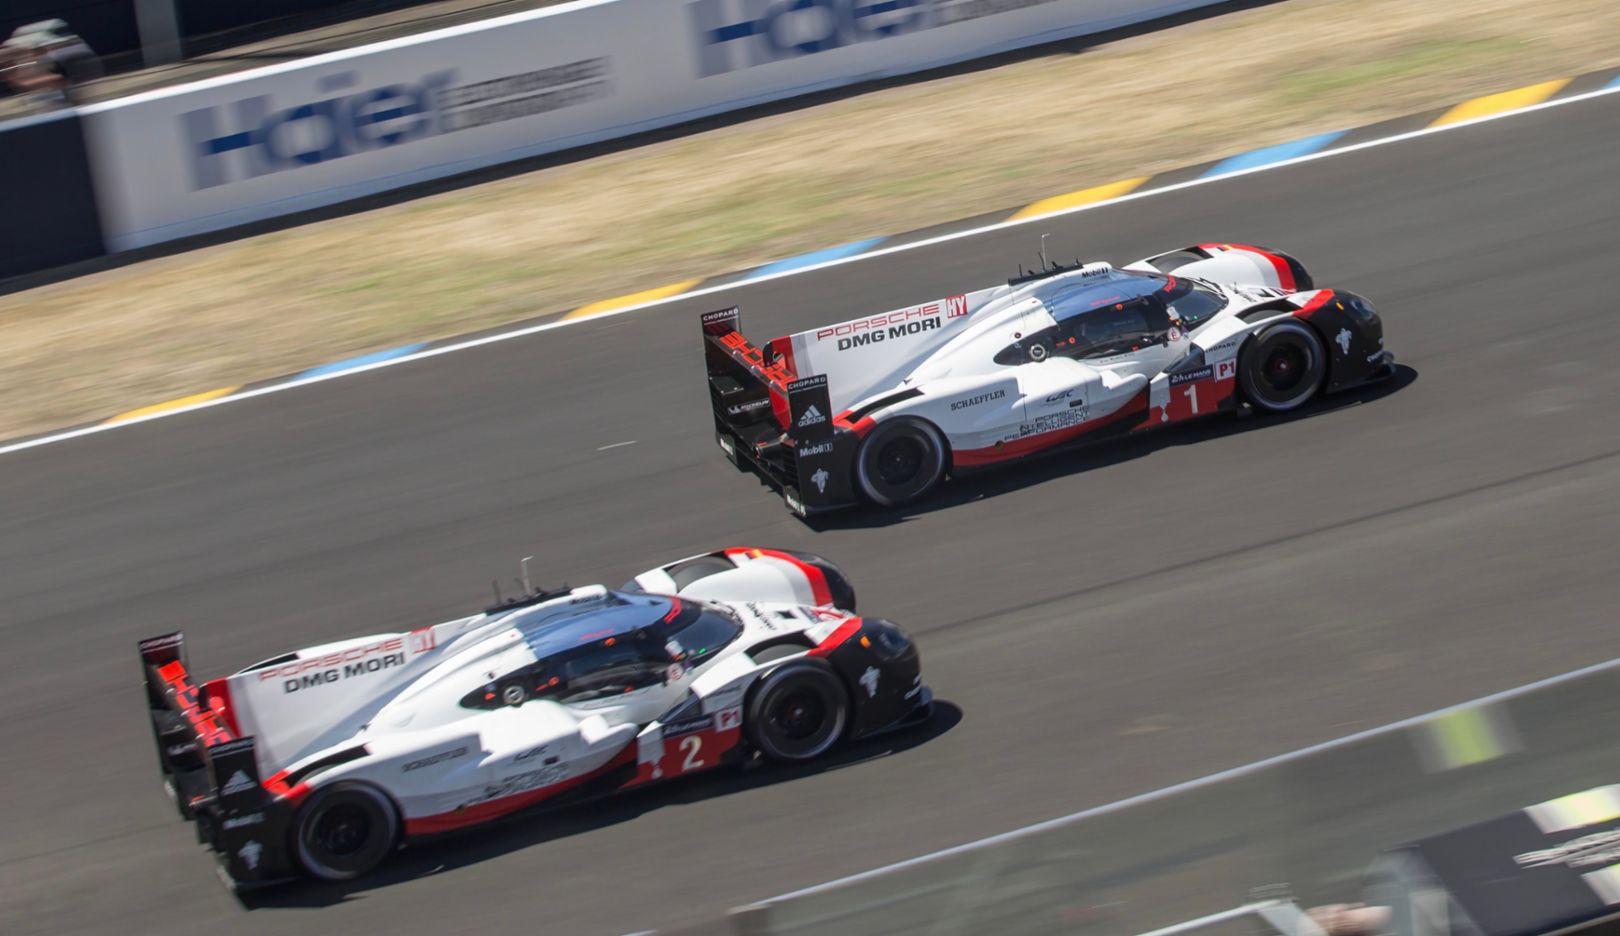 919 Hybrid, FIA WEC, Le Mans 24-Hour, Le Mans, 2017, Porsche AG